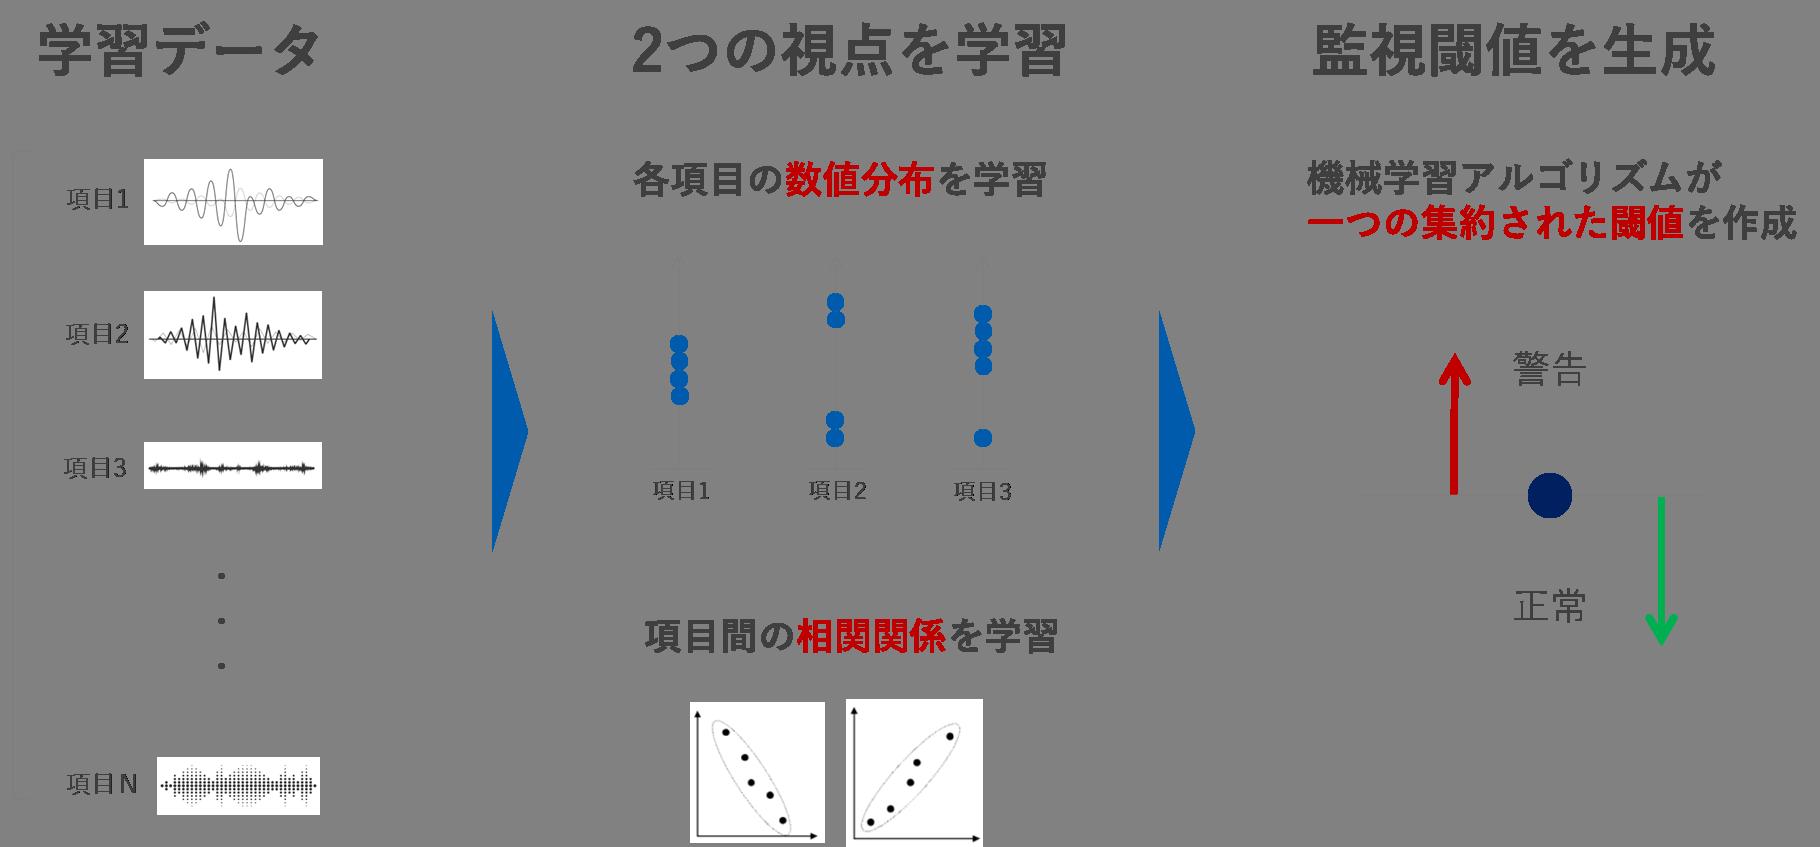 ②装置の多様なデータから監視閾値作成が可能